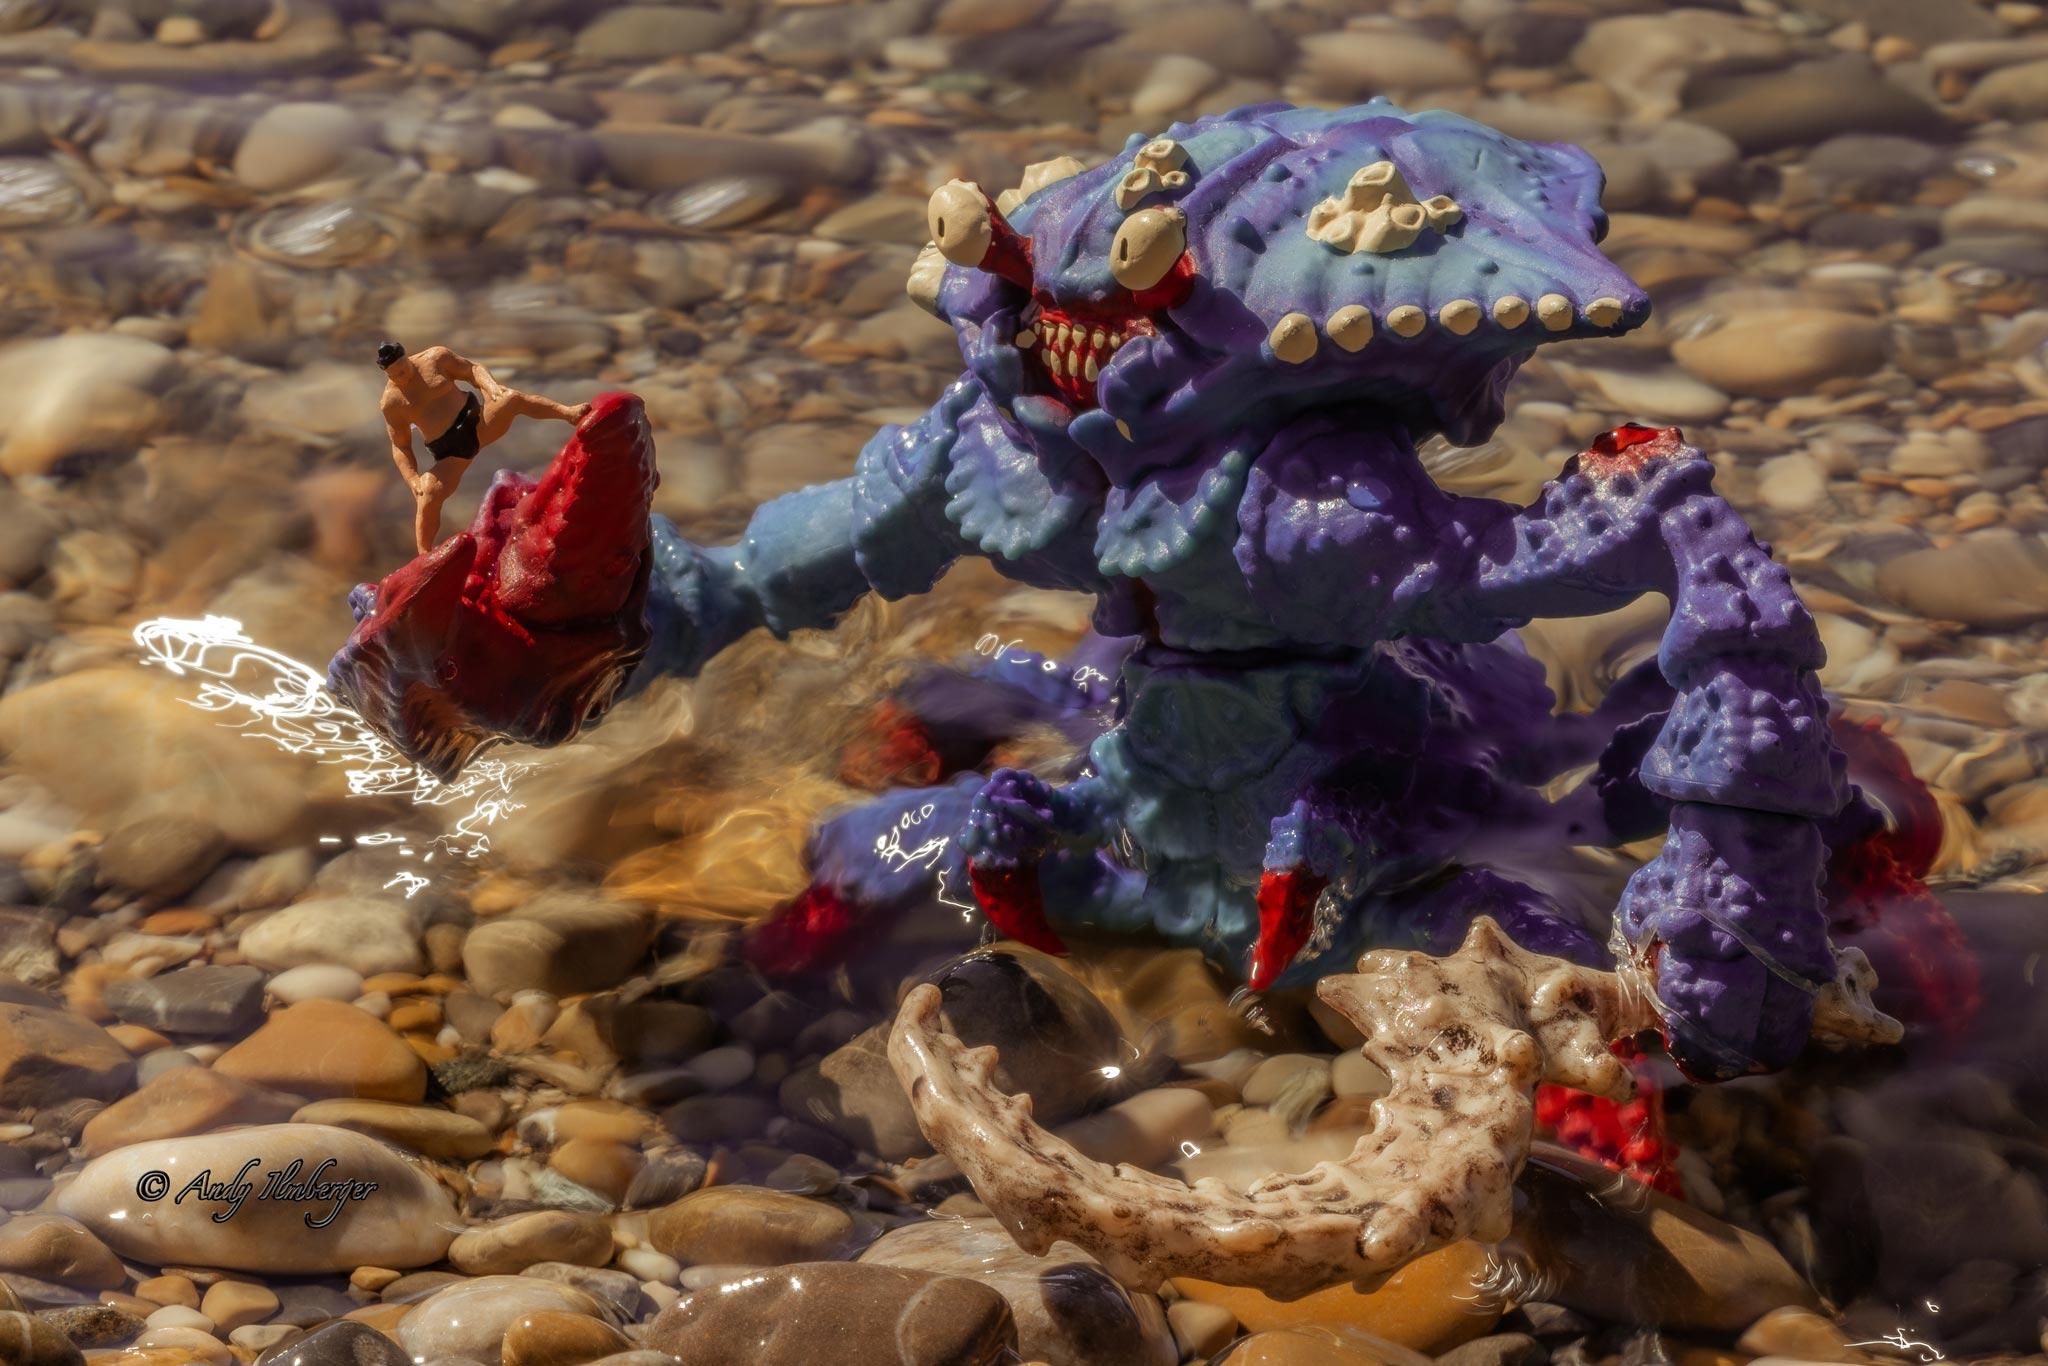 H0-Helden - Monsterkrabbe - H0-Figuren in Szene gesetzt von © Andy Ilmberger im Kleine-Helden.Club